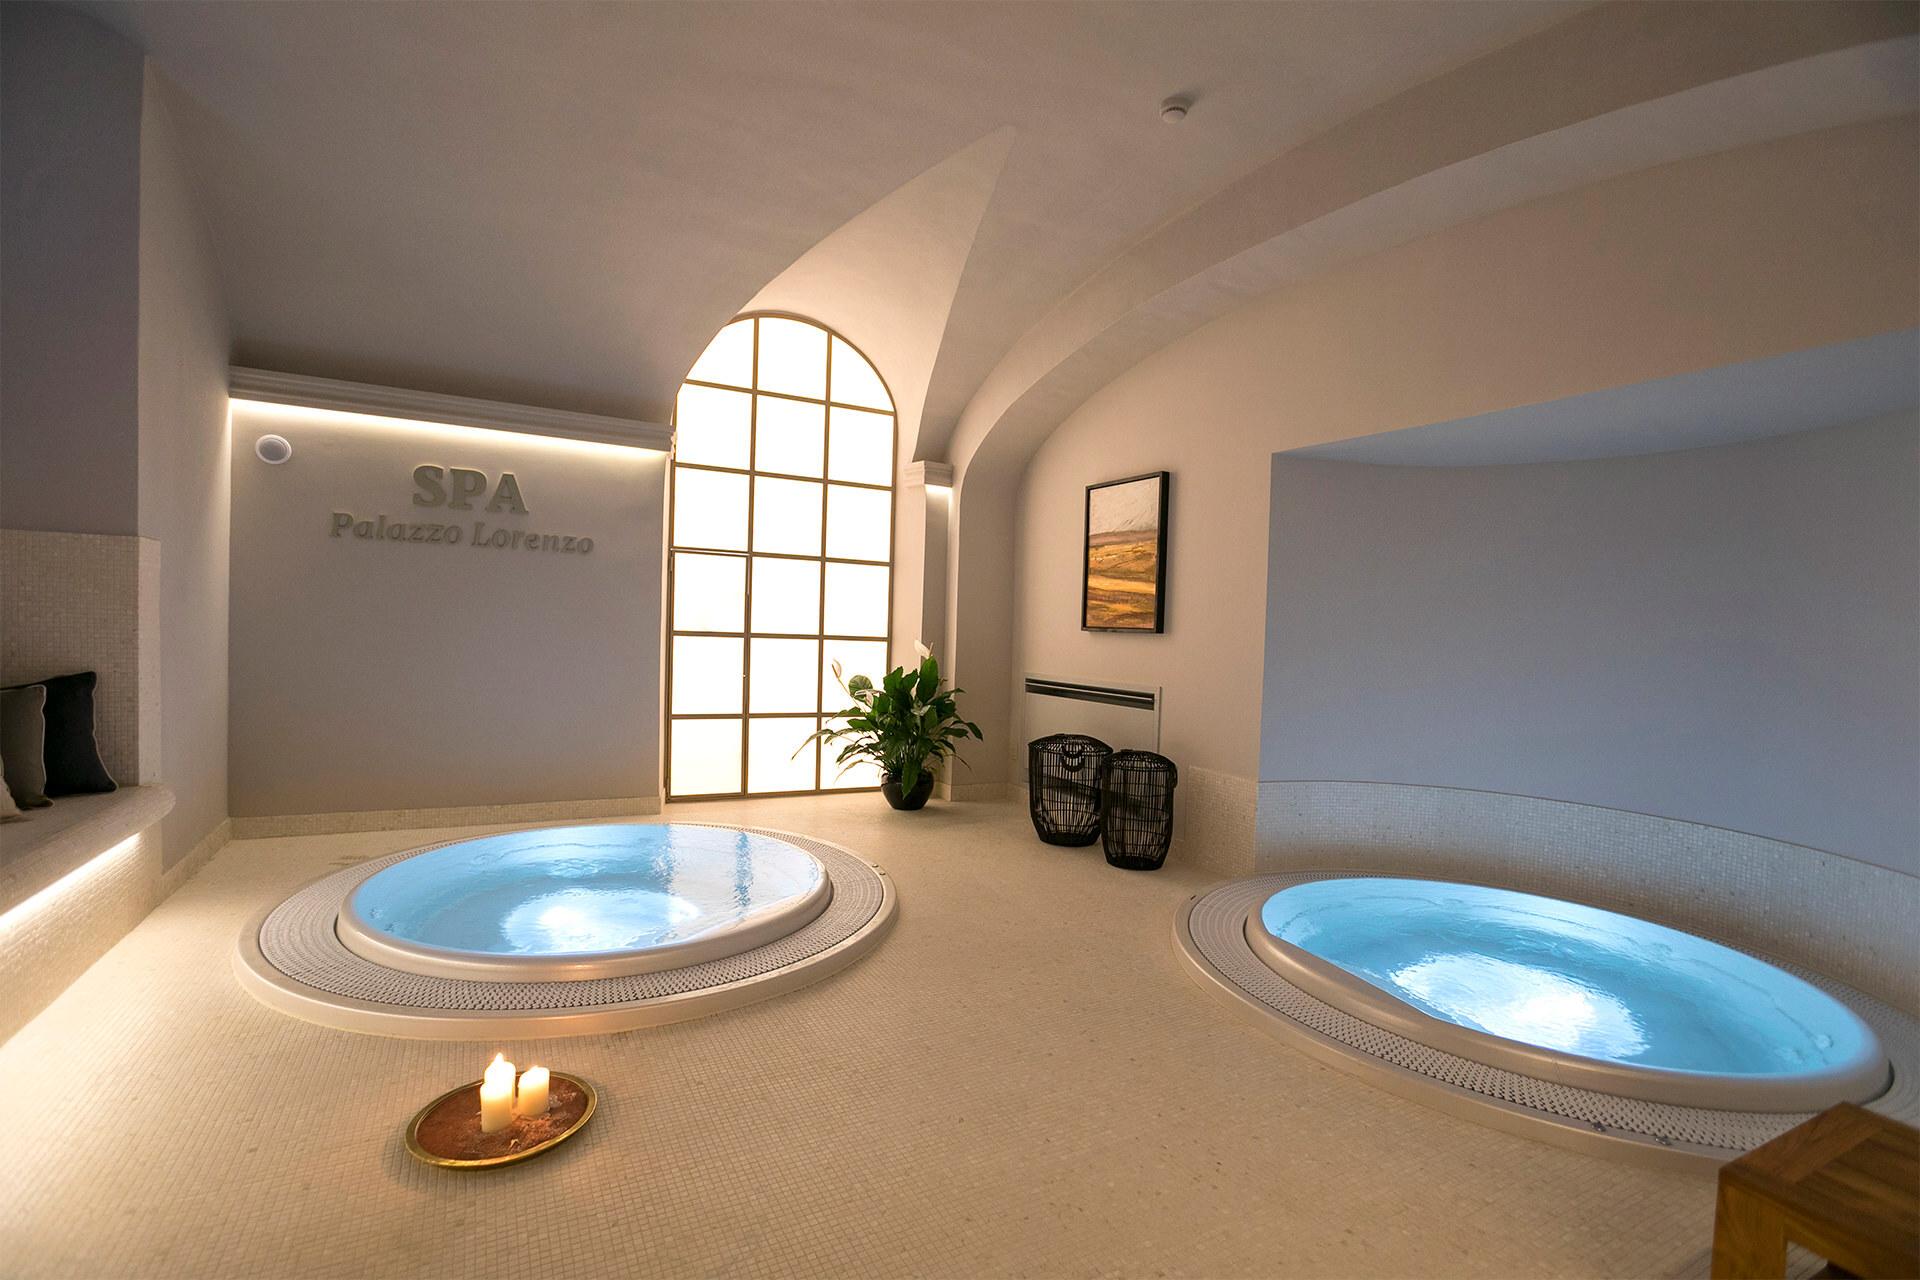 Hotel Palazzo Lorenzo riapre: un soggiorno all'insegna del relax